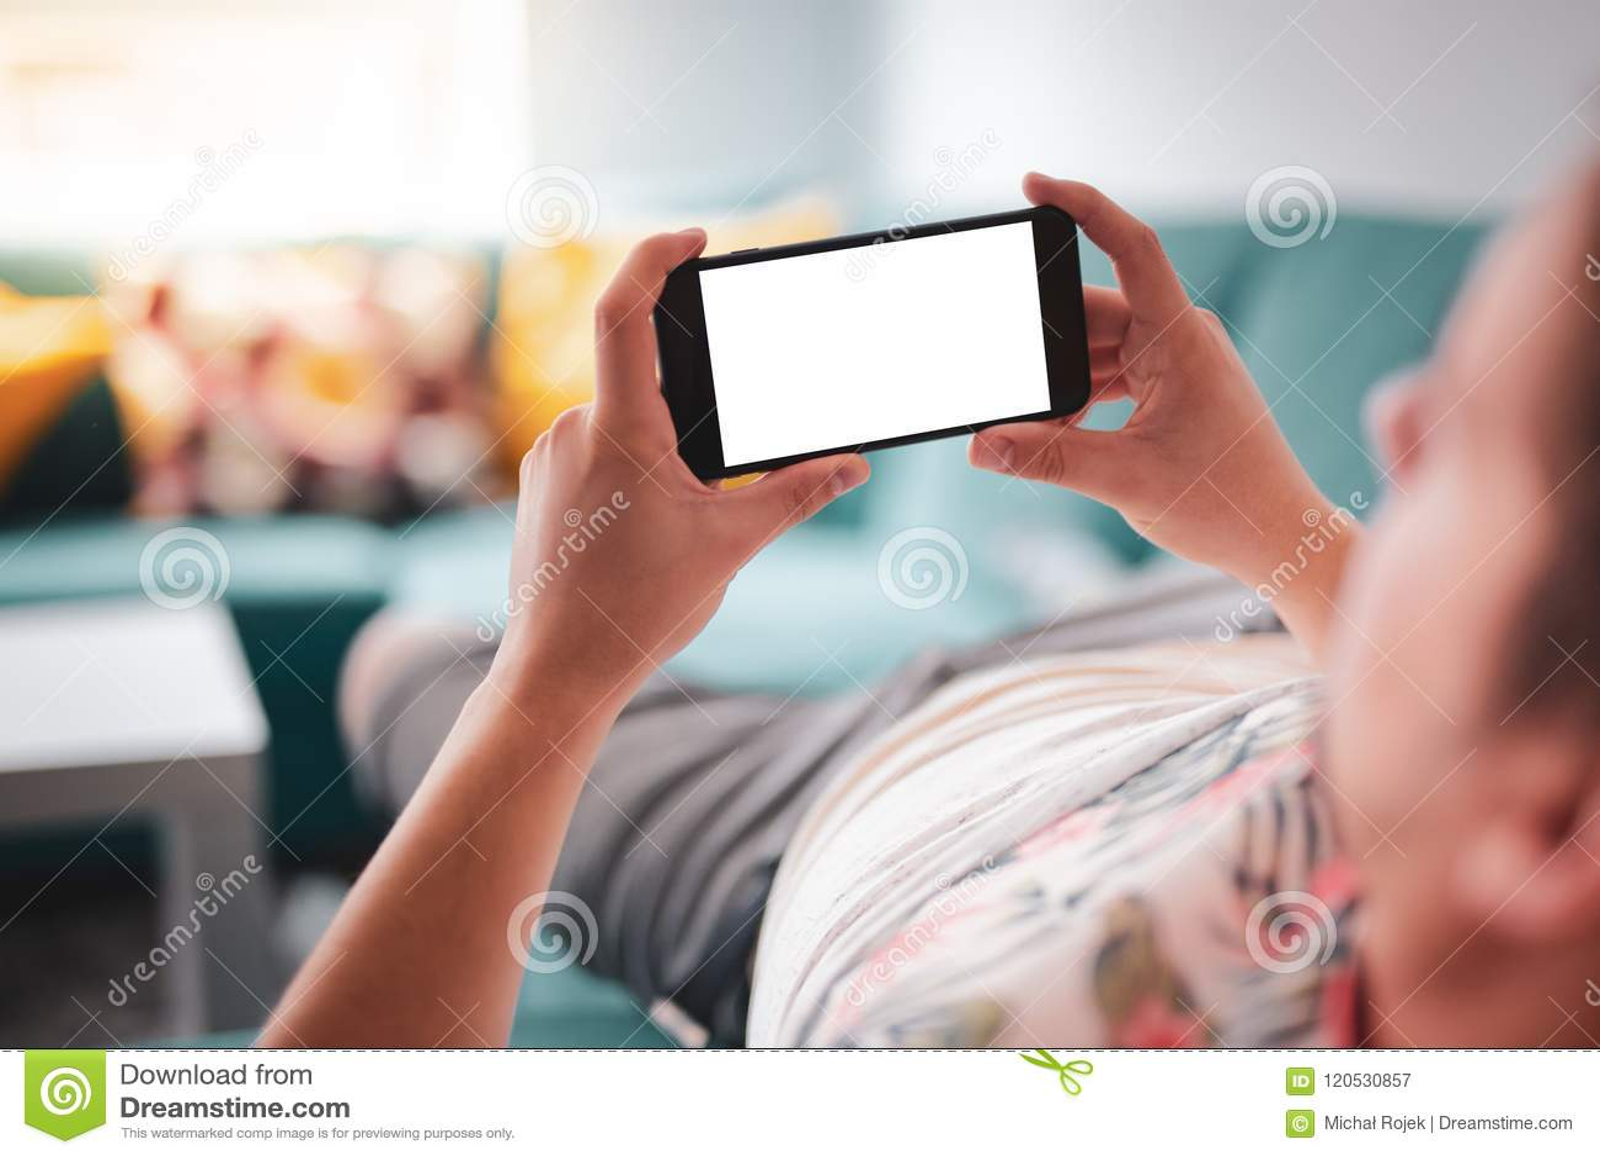 Άτομο που χρησιμοποιεί το smartphone οριζόντιο στον καναπέ